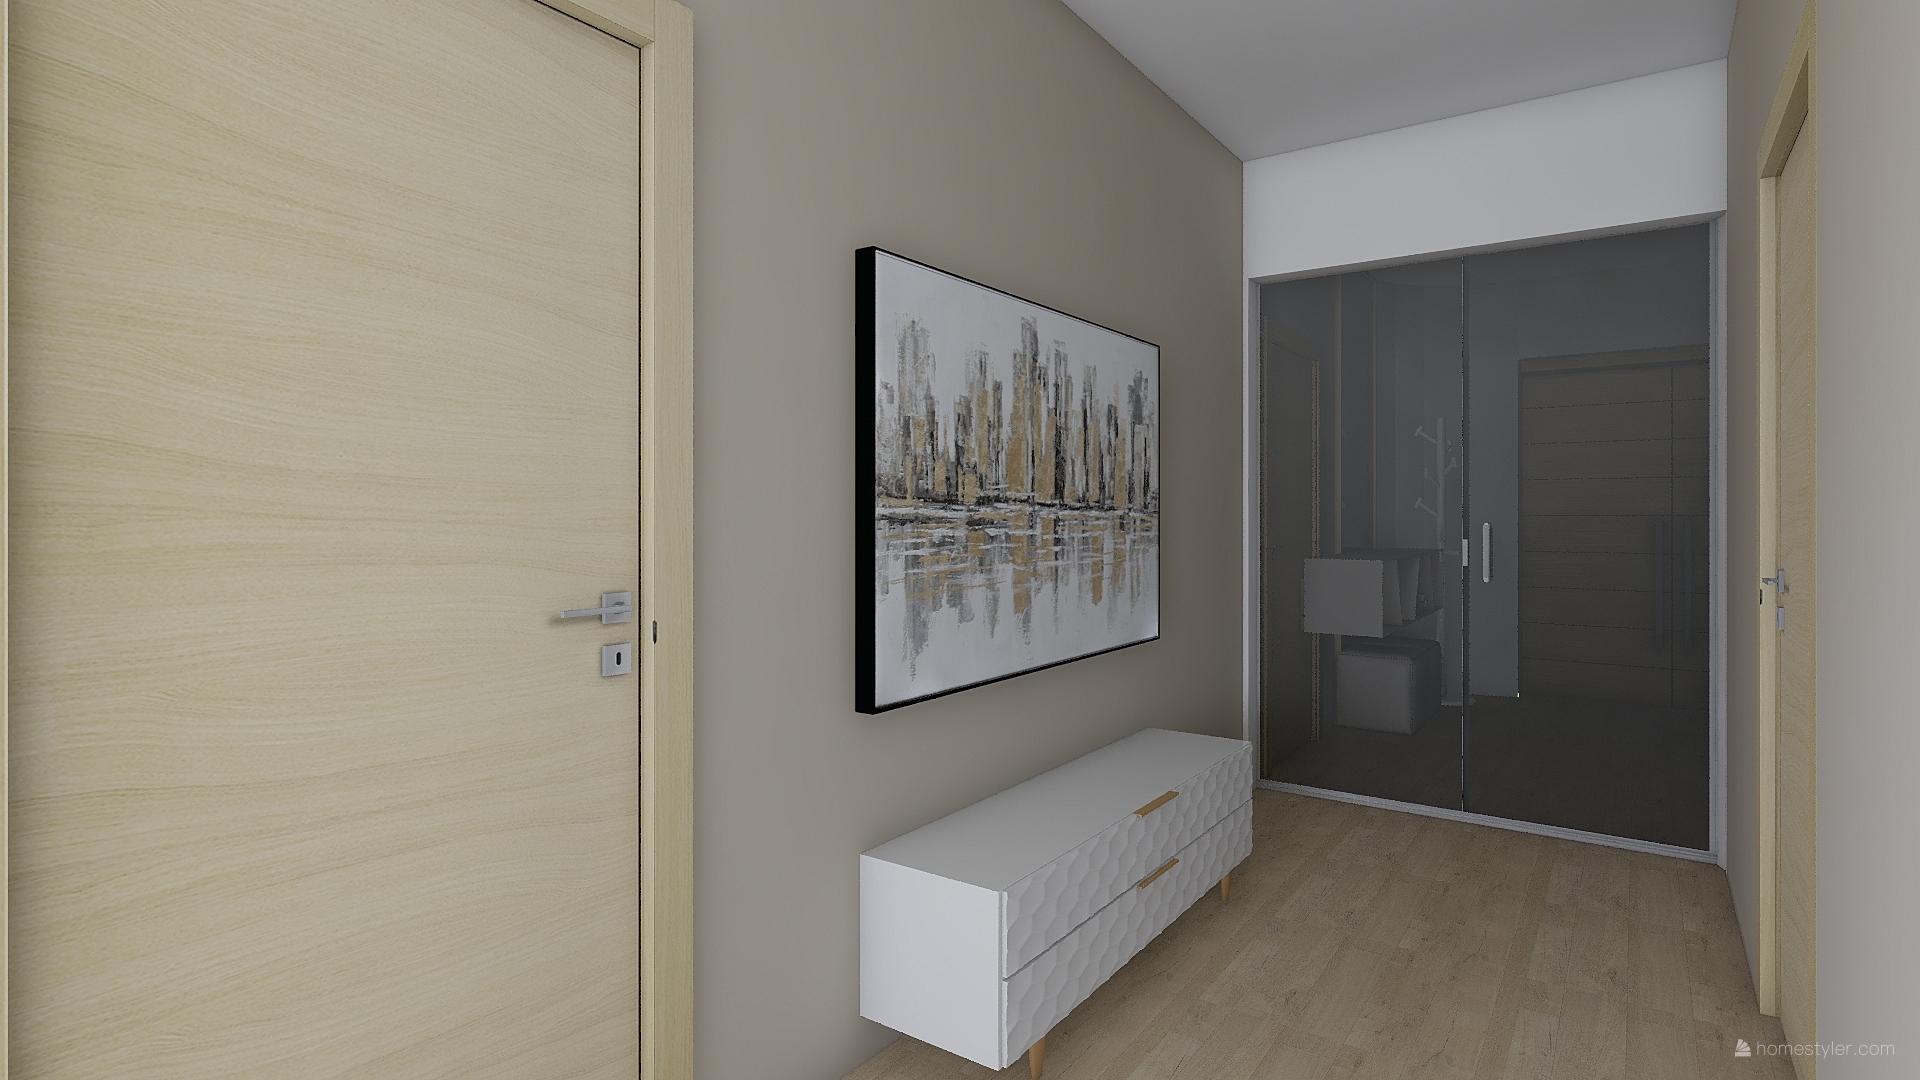 Mé dokonale nedokonalé vizualizace našeho budoucího domu - Chodba v obýváku s dveřmi do pracovny a denní zóny dětského pokoje.